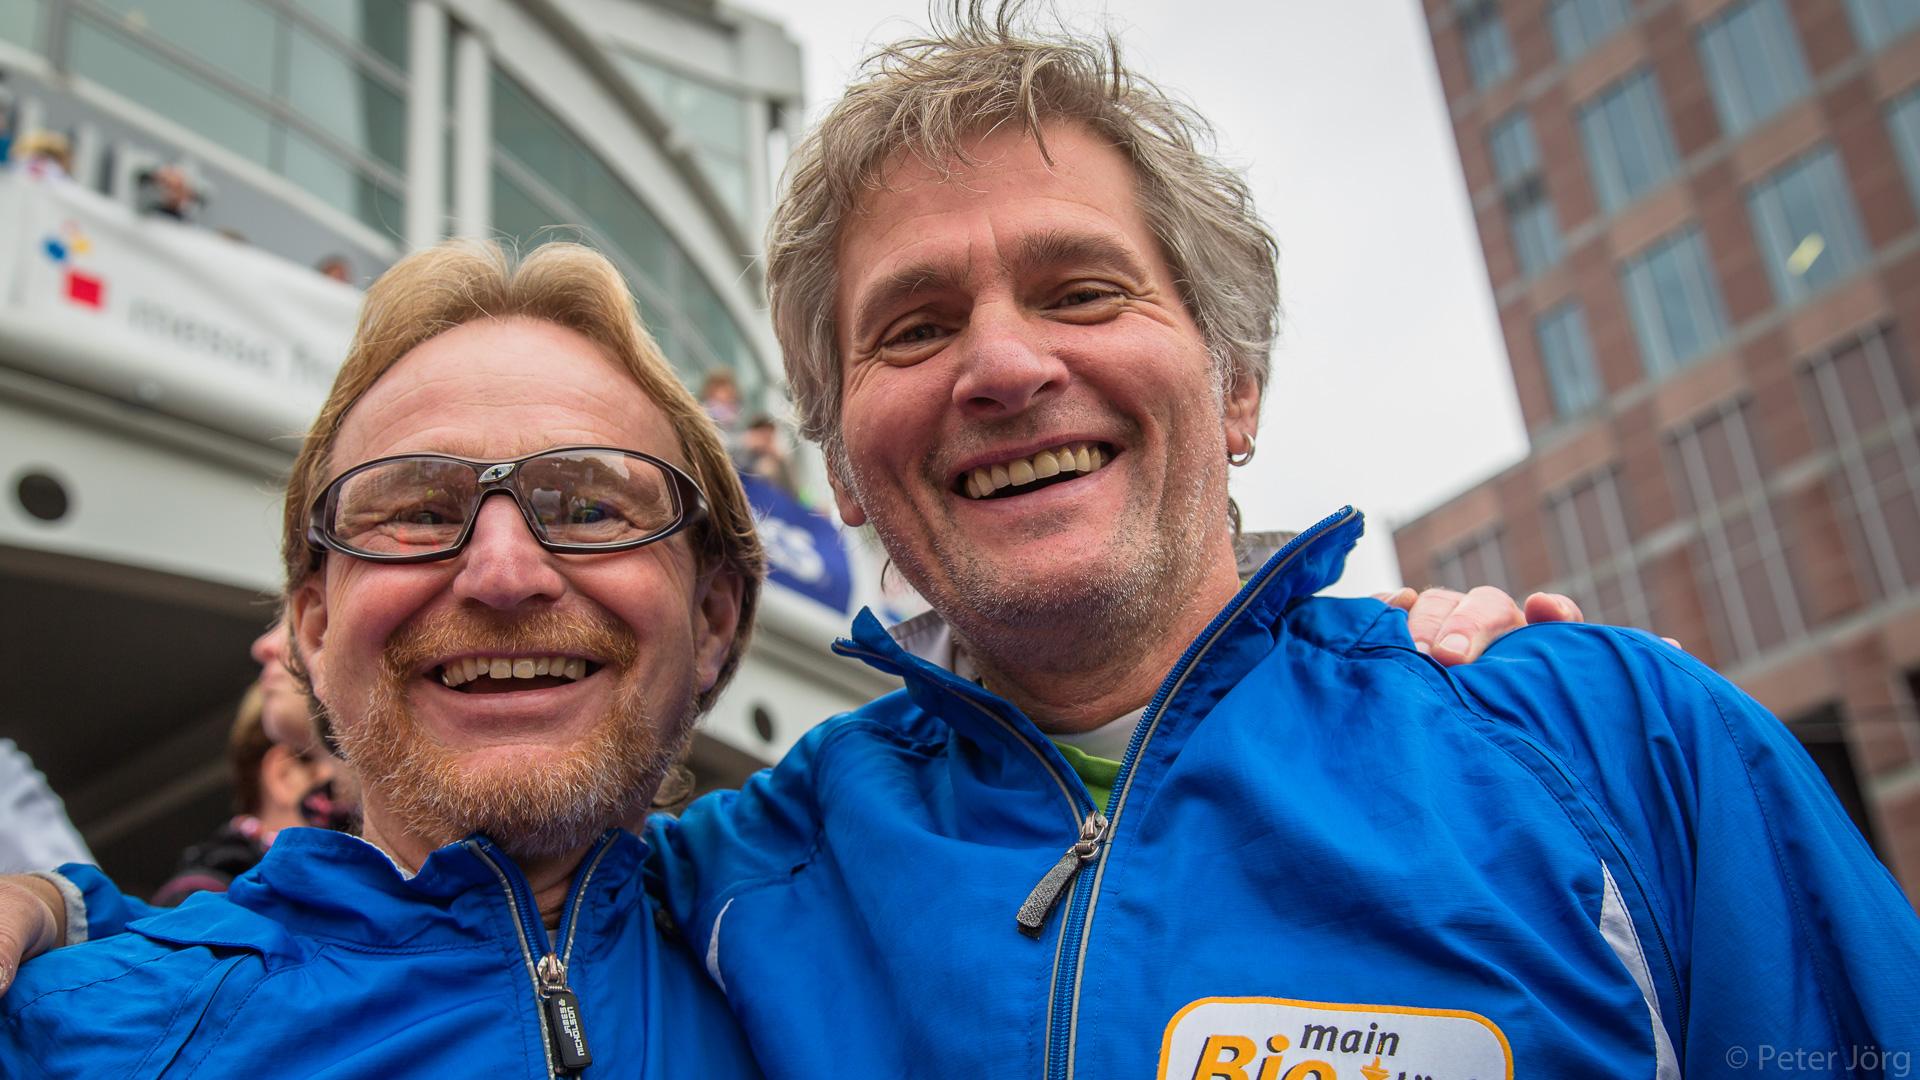 Rolf und Thomas-biorunner